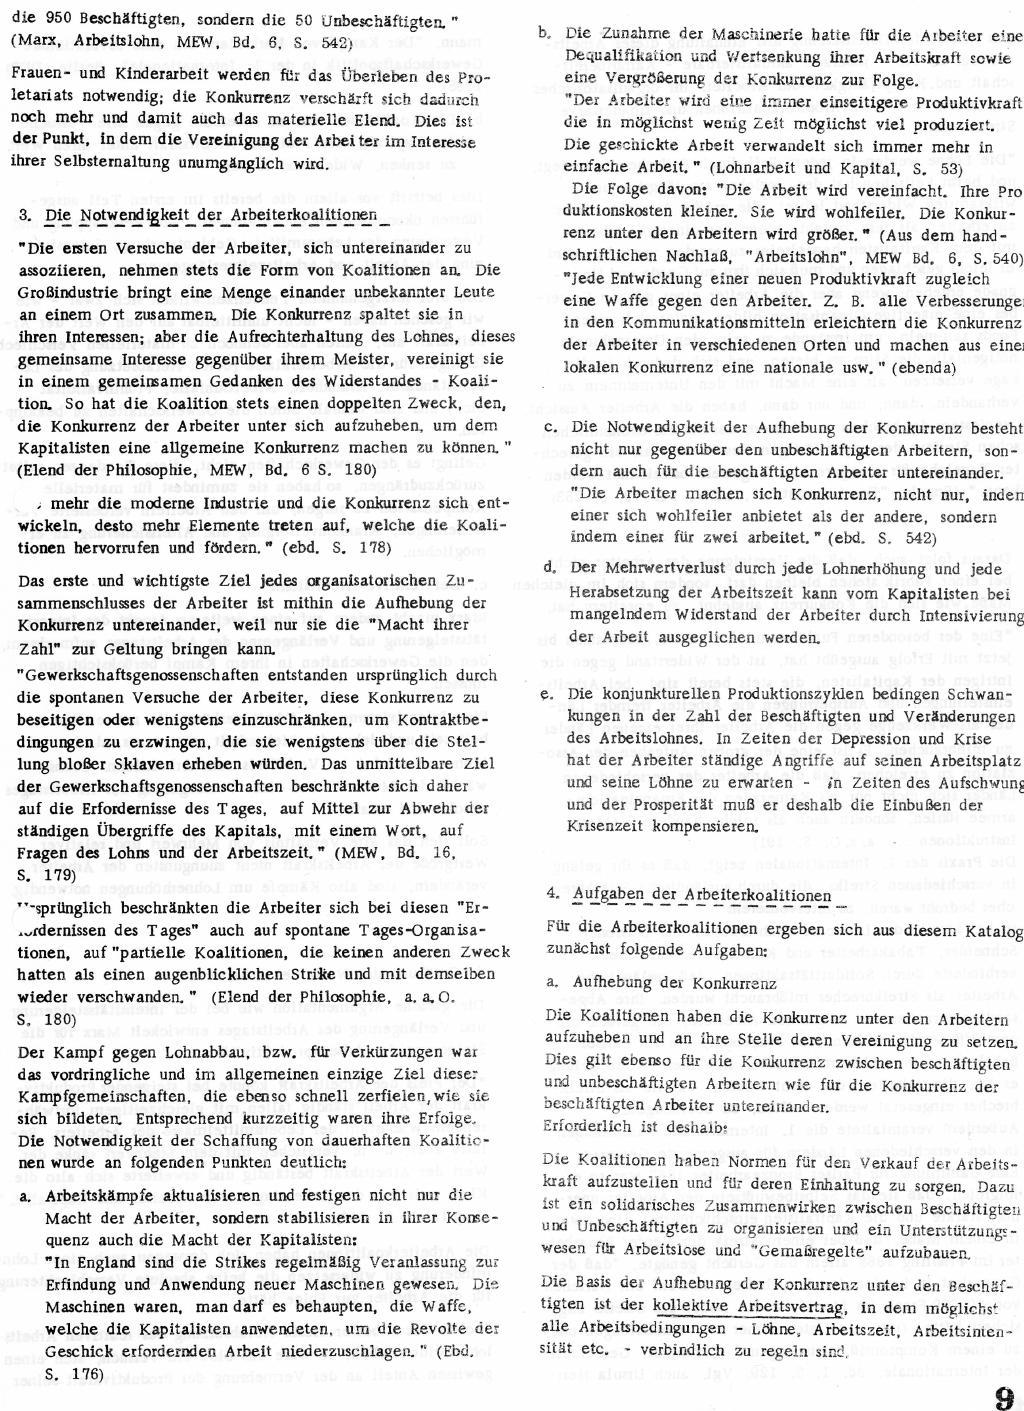 RPK_1971_109_110_09